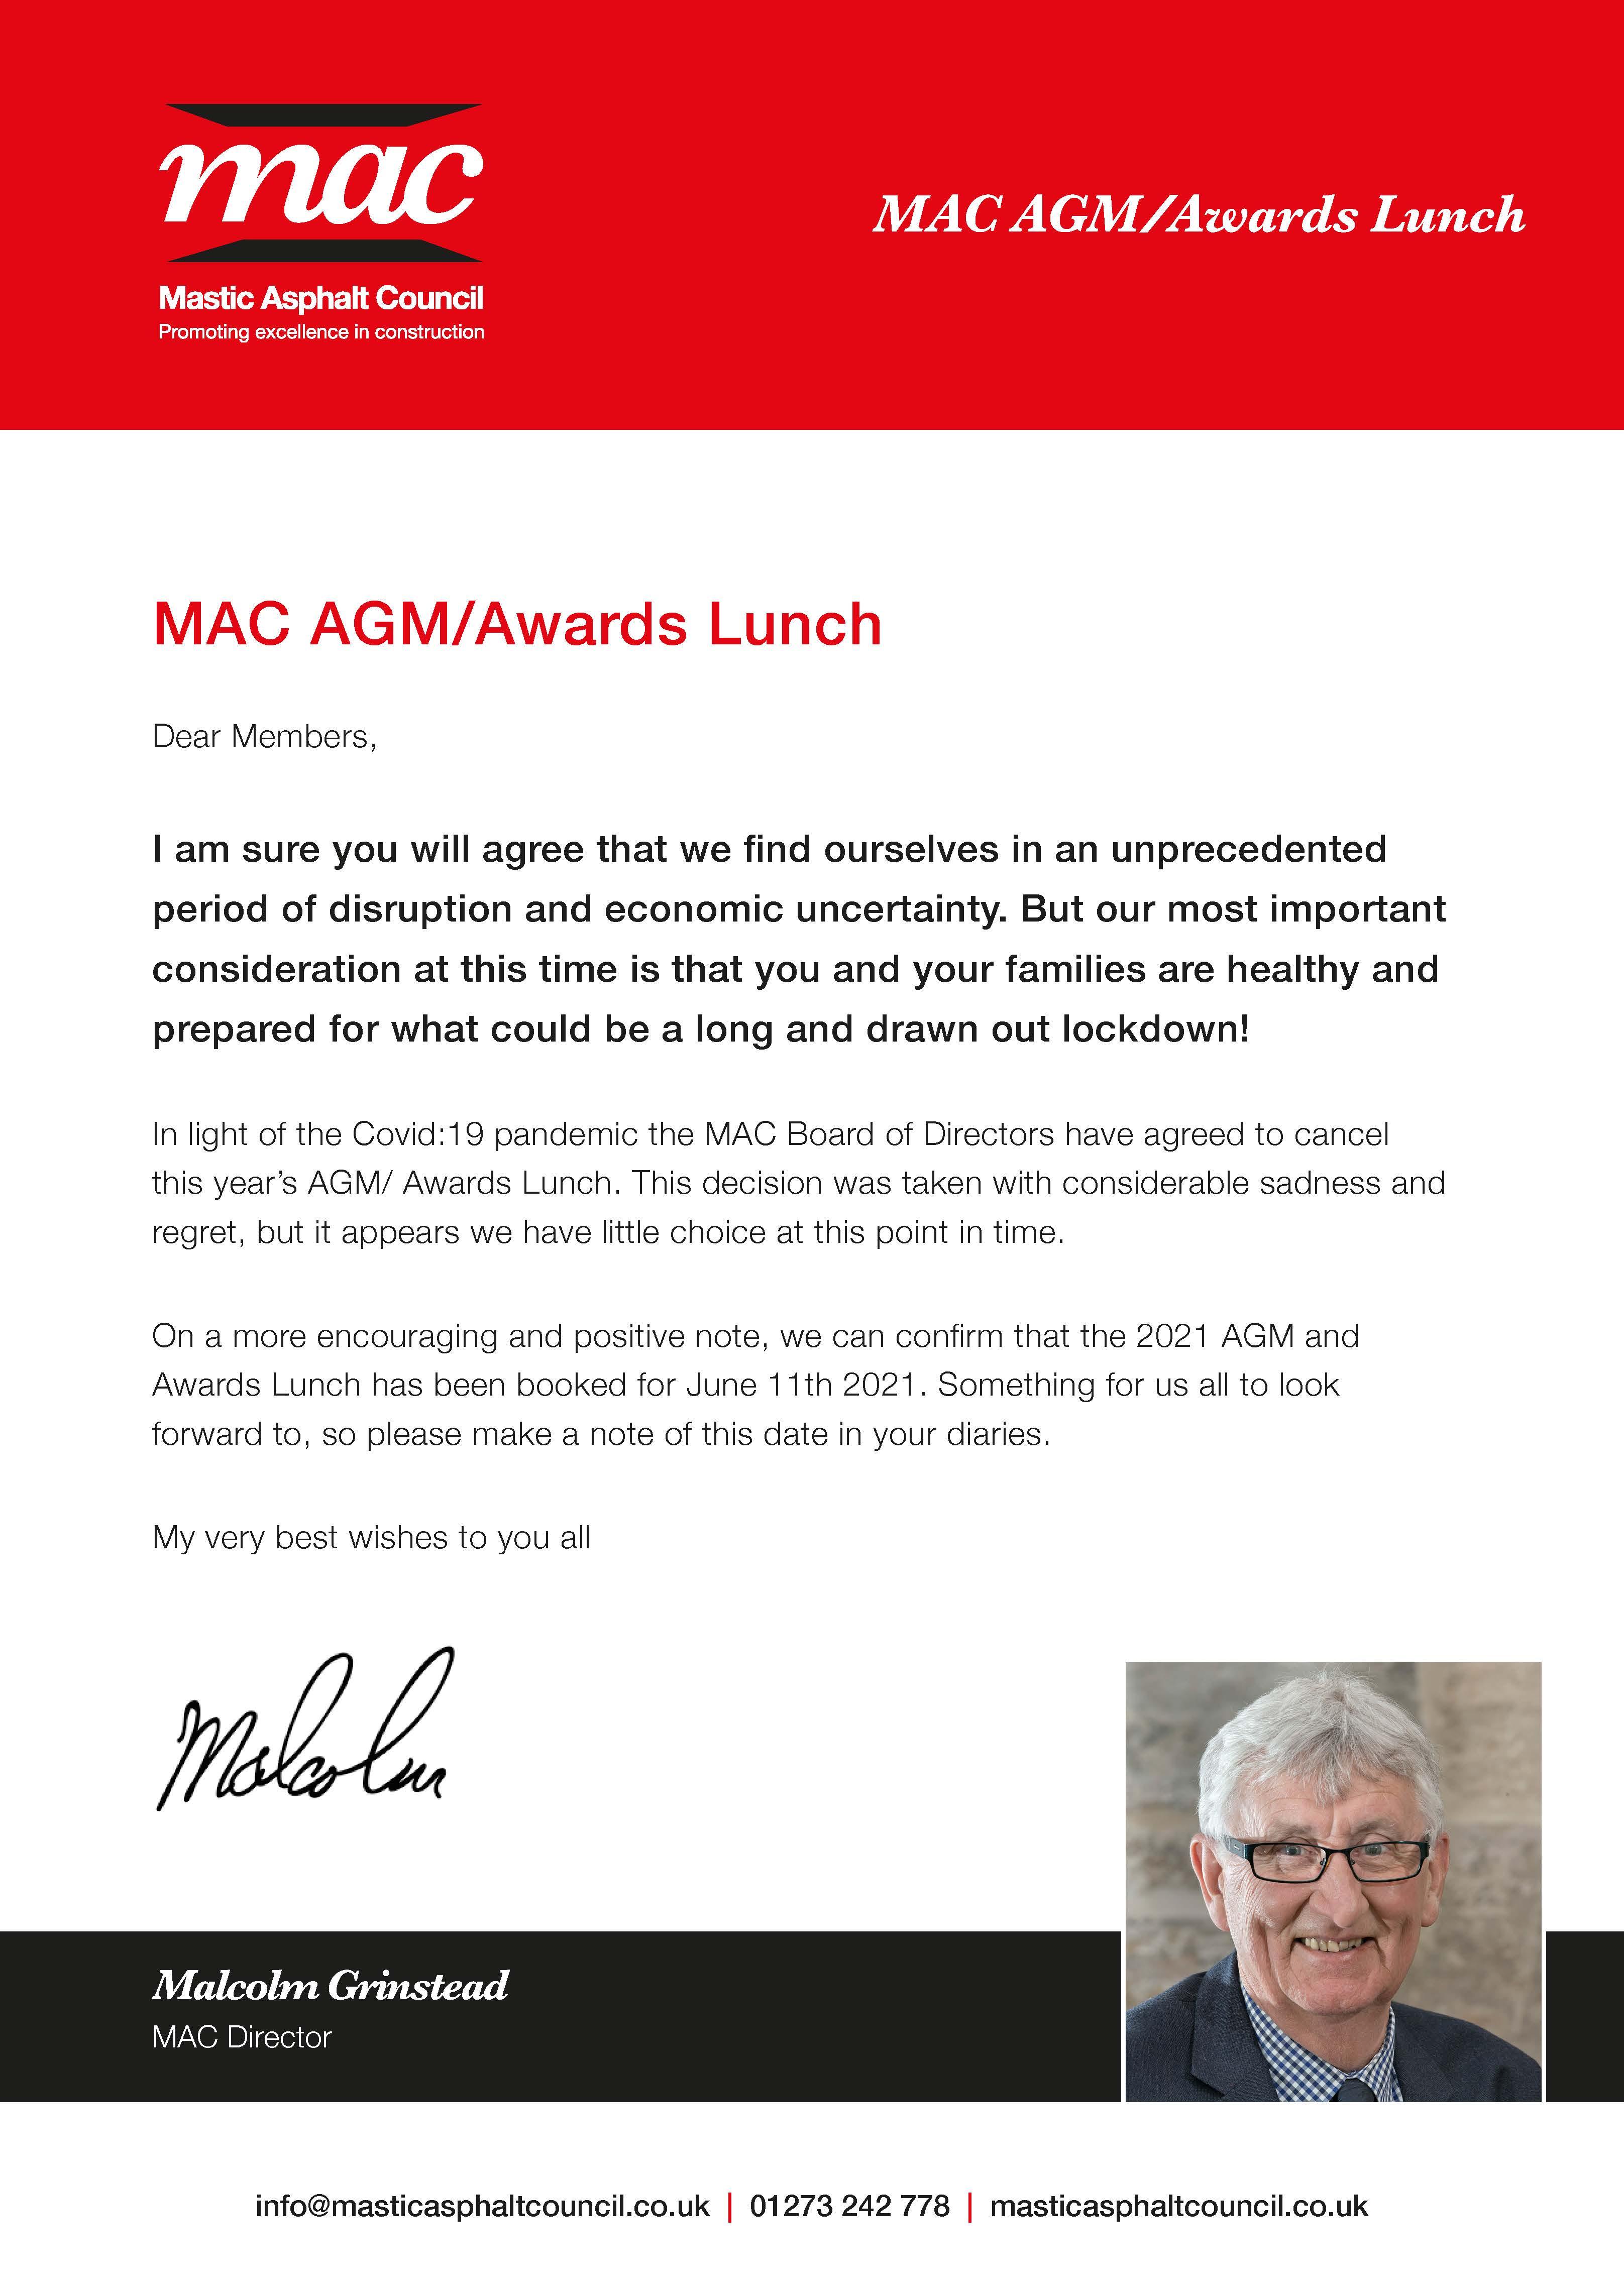 MAC AGM Awards announcement